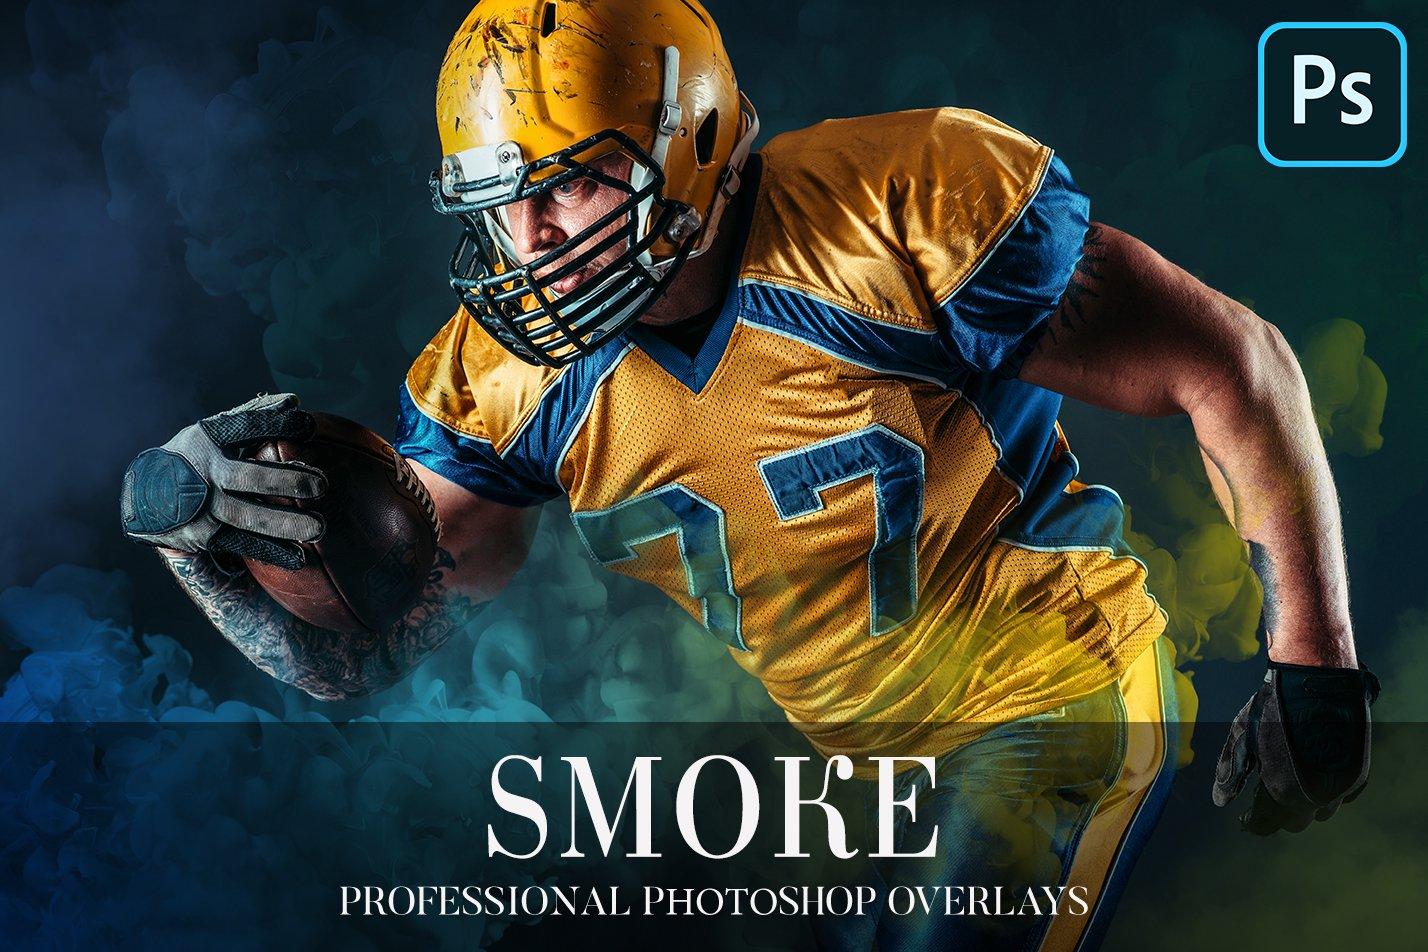 20款高清烟雾雾气效果PS叠加层PNG免抠图片素材 Smoke Overlays Photoshop插图